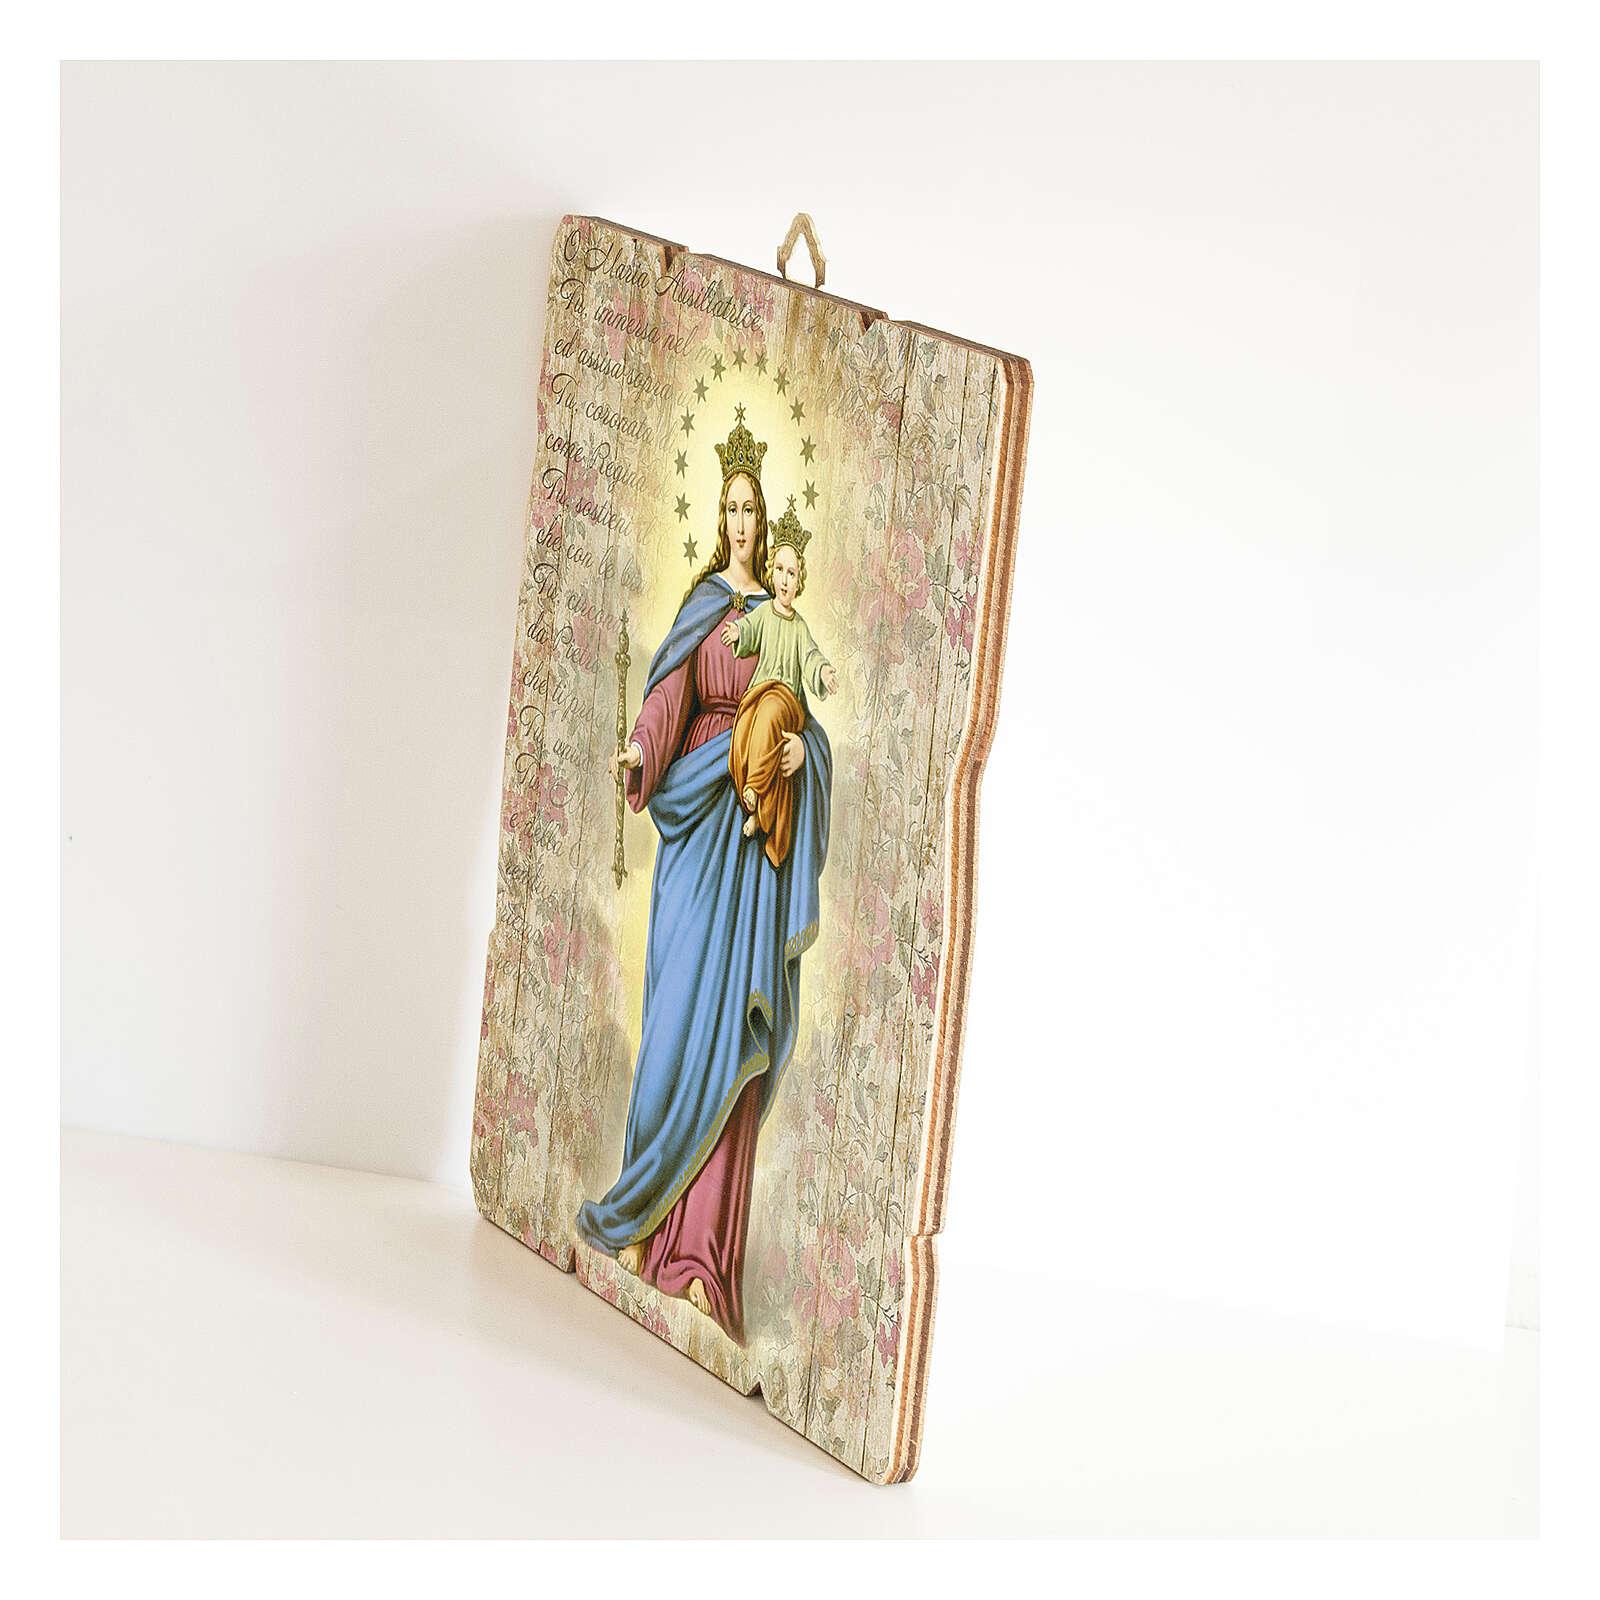 Quadro madeira moldada com gancho Maria Auxiliadora 3